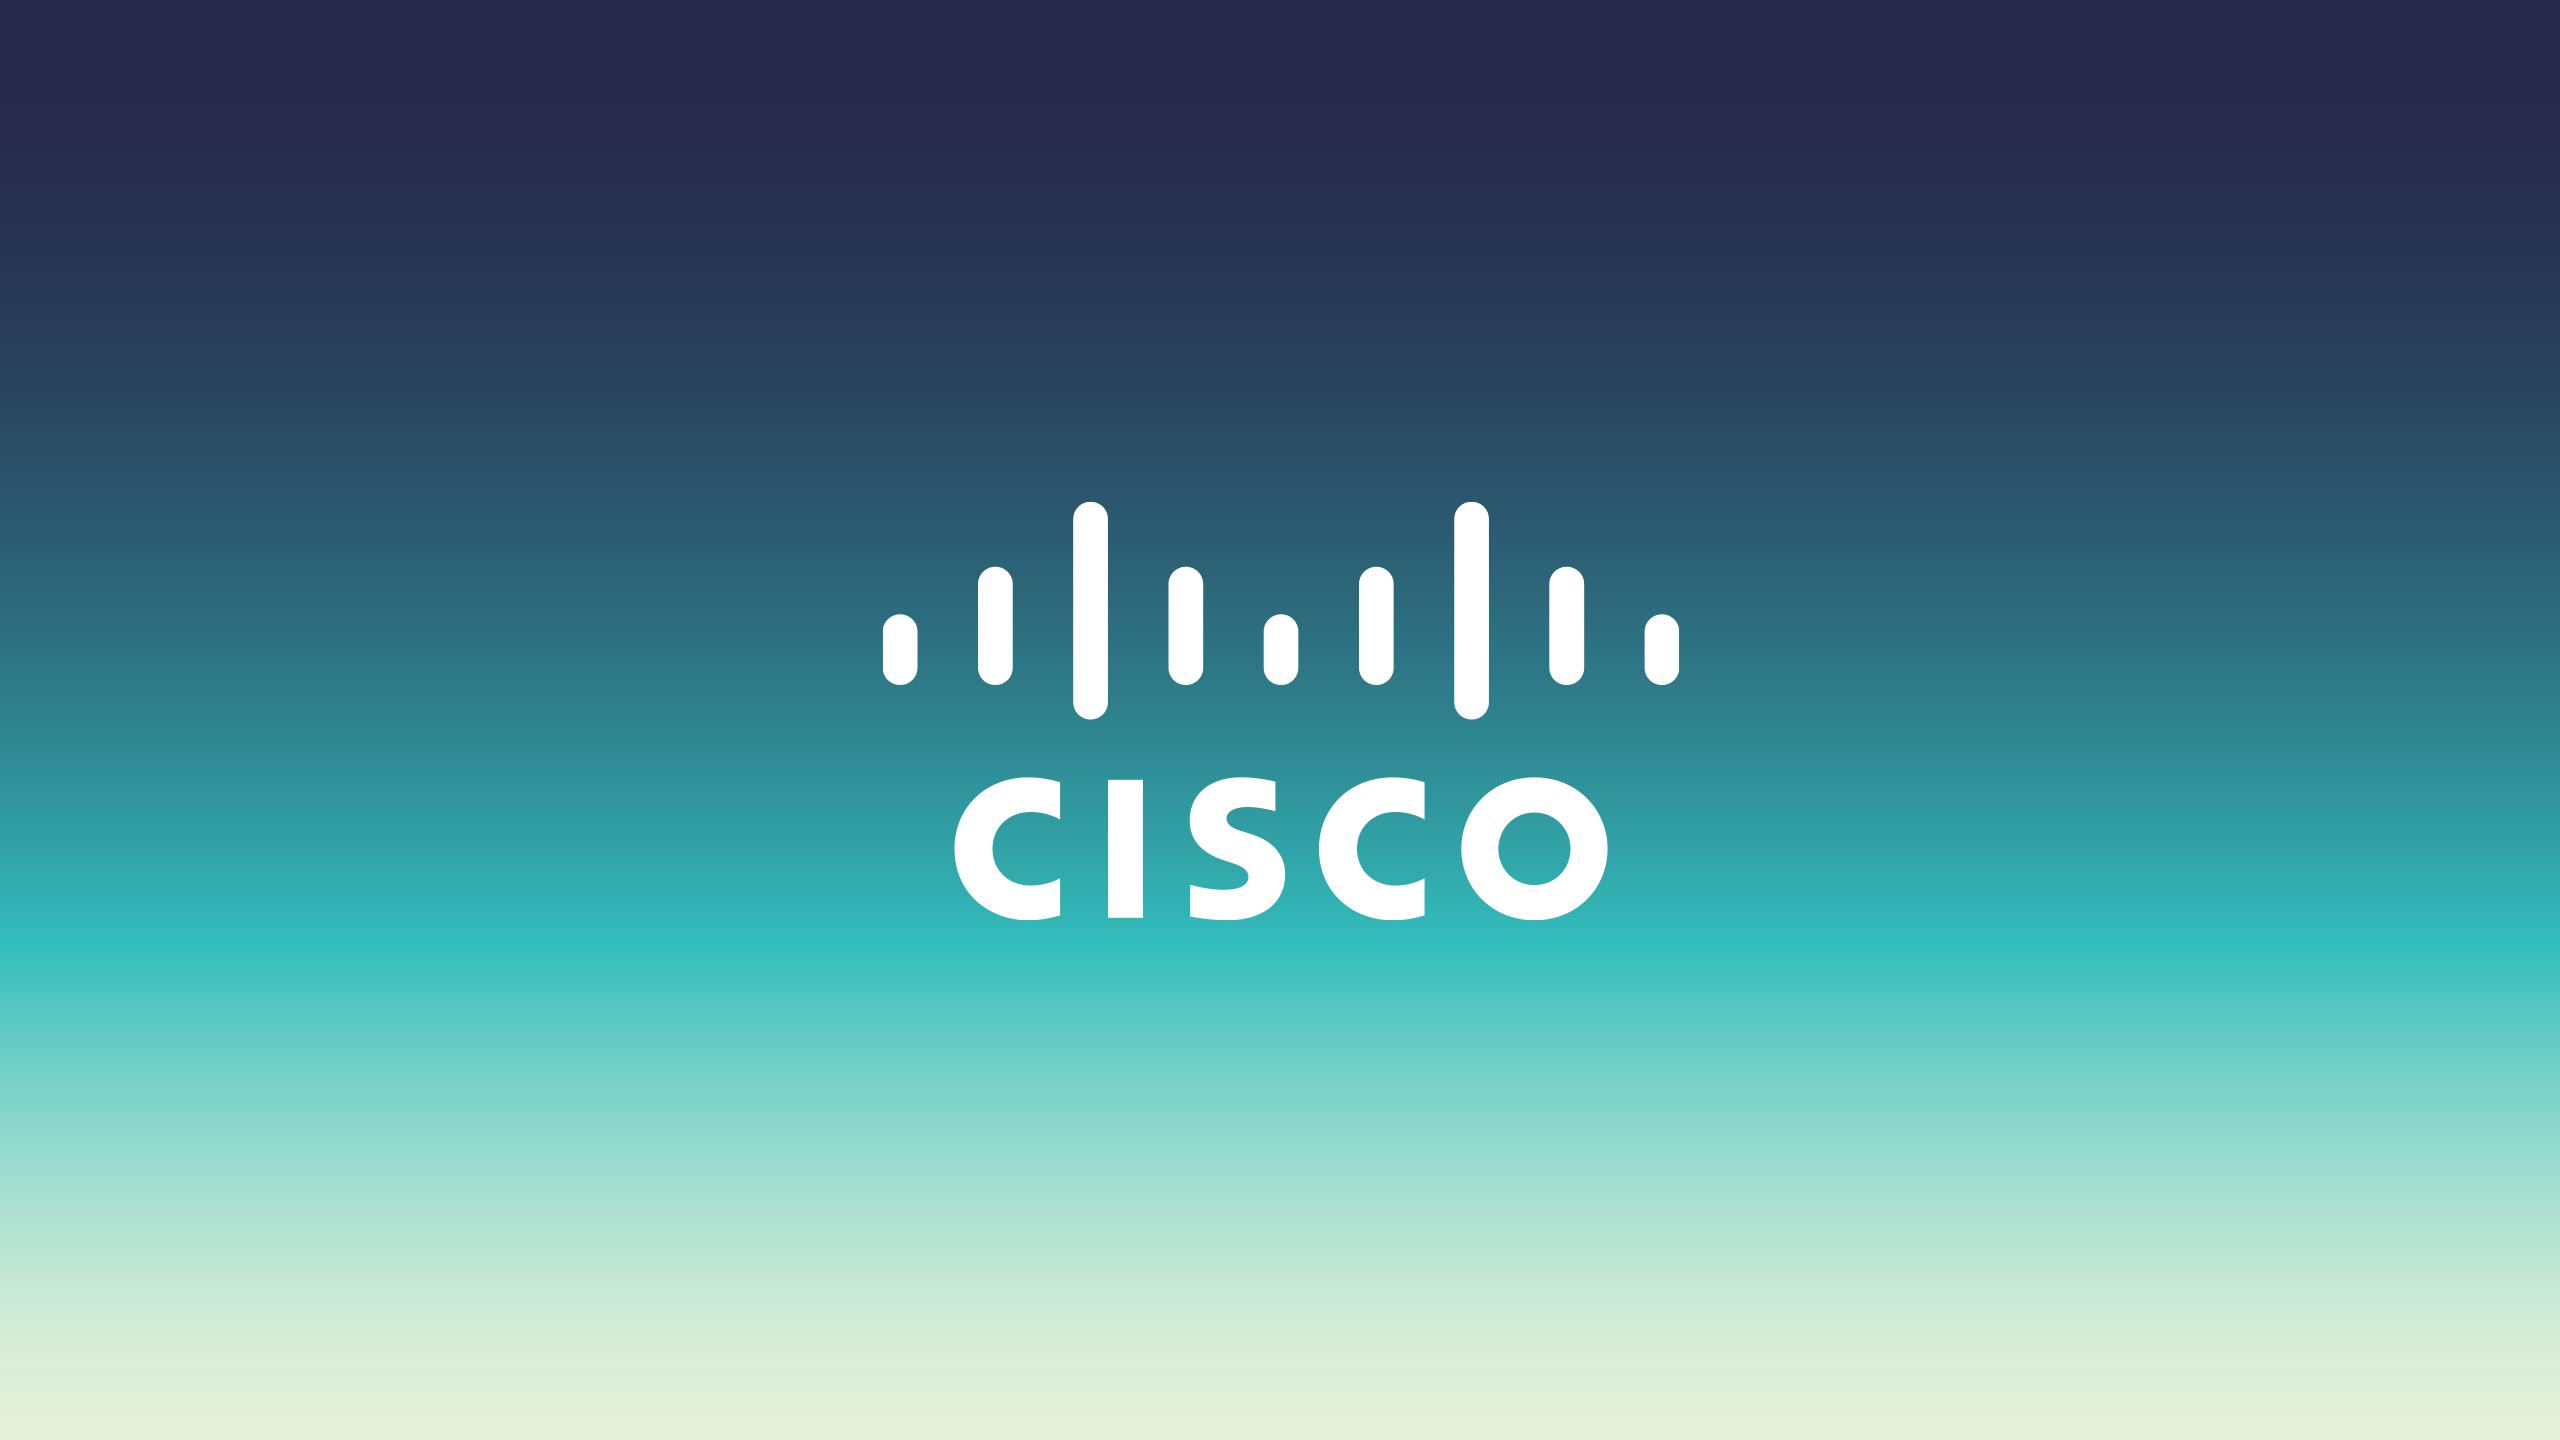 white Cisco logo on dark blue to light green gradient background